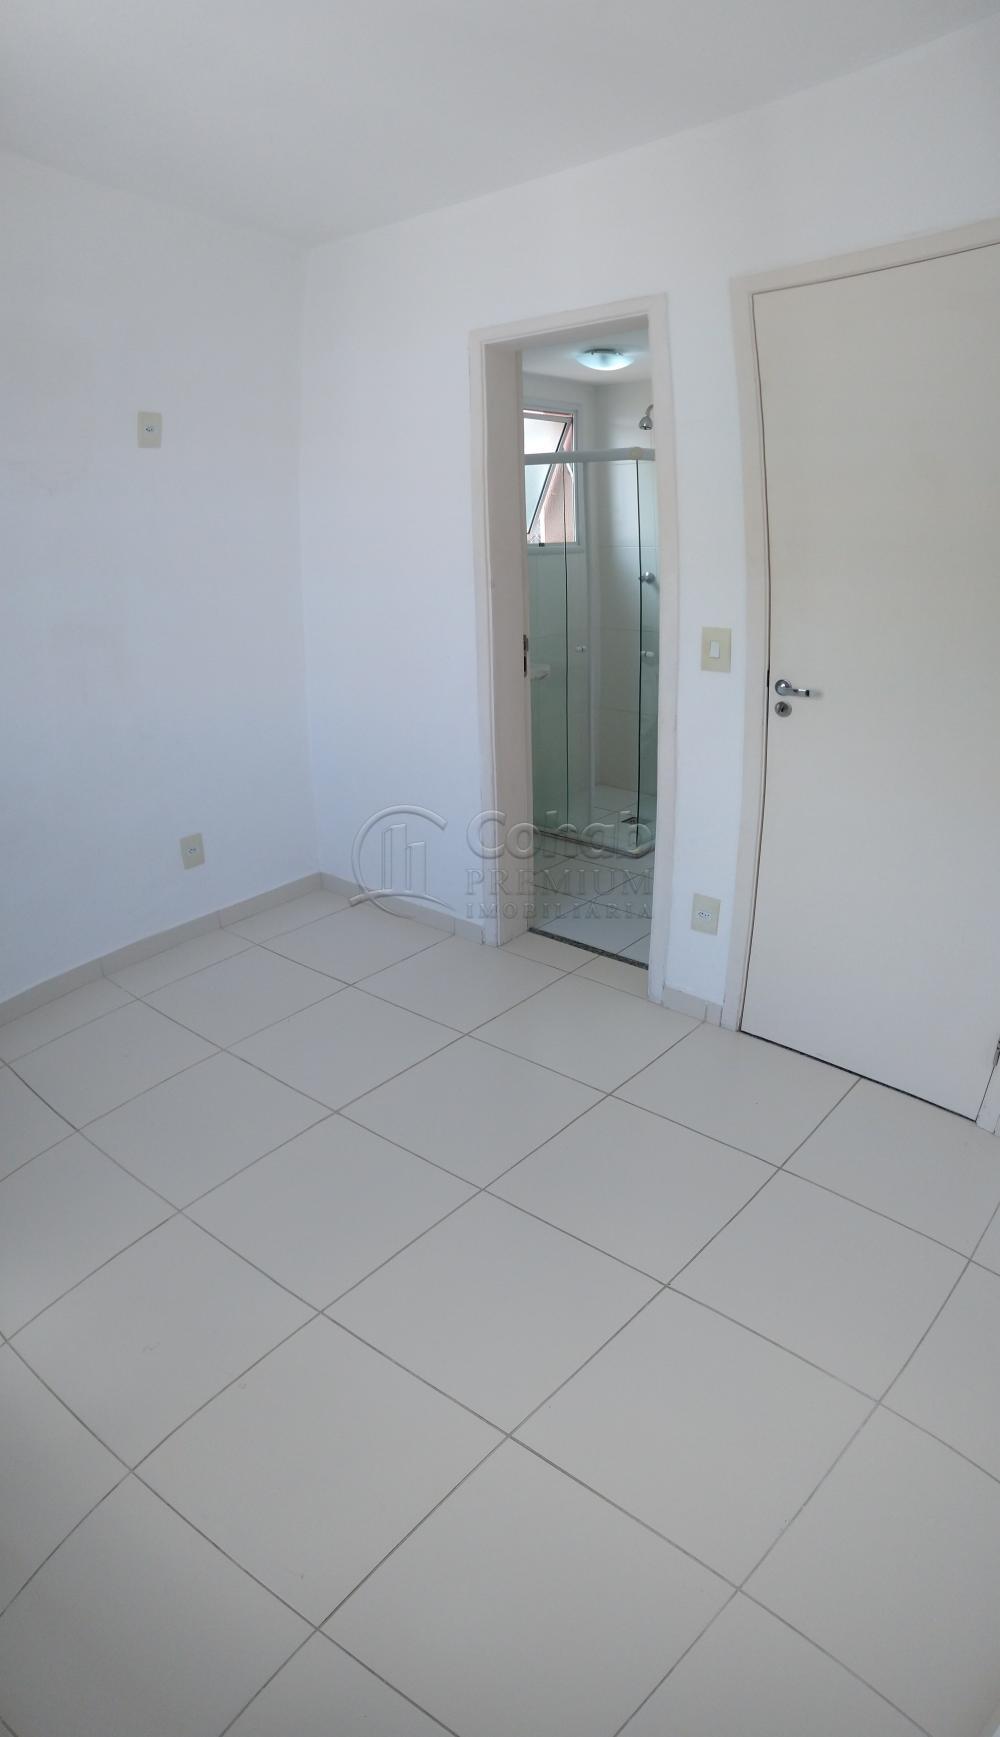 Alugar Apartamento / Padrão em Aracaju apenas R$ 1.350,00 - Foto 13